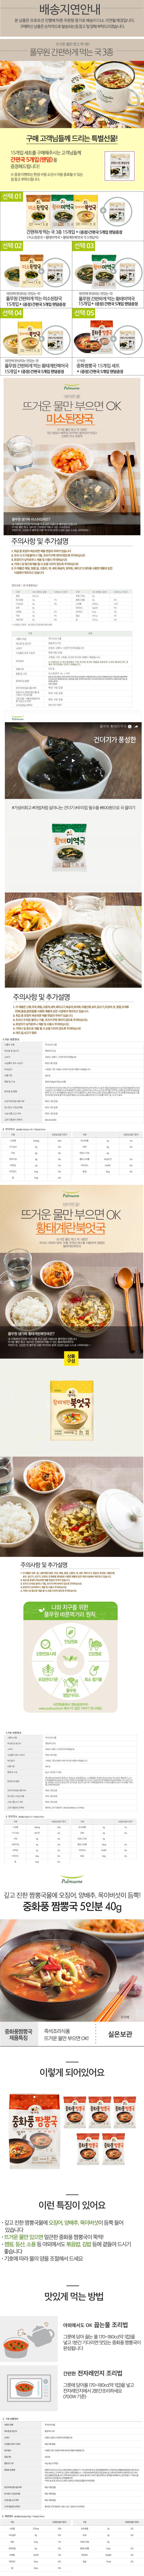 [식품]     [옥션] 풀무원 컵국 20개 (9,900원/무배)